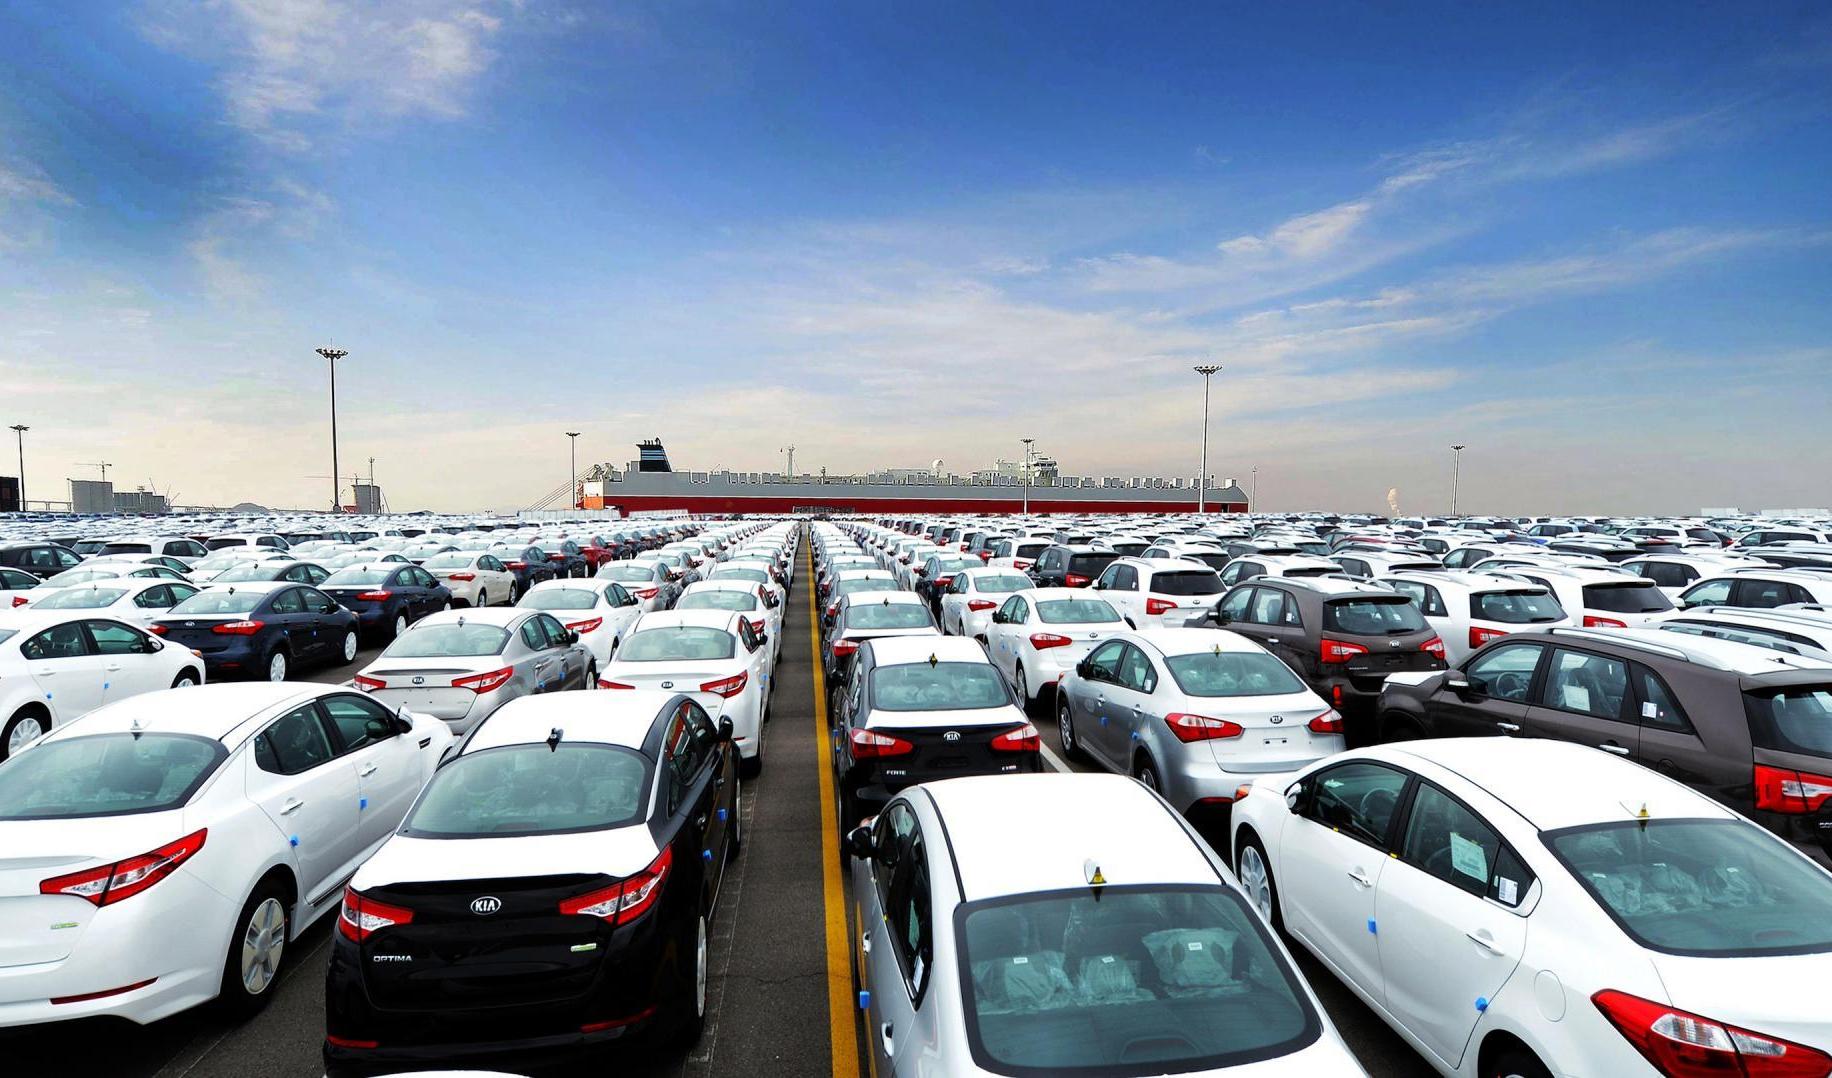 موافقت وزیر صمت با واردات خودرو از سال آینده/ احتمال واردات ۵۰ تا ۷۰ هزار دستگاه برای تنظیم بازار